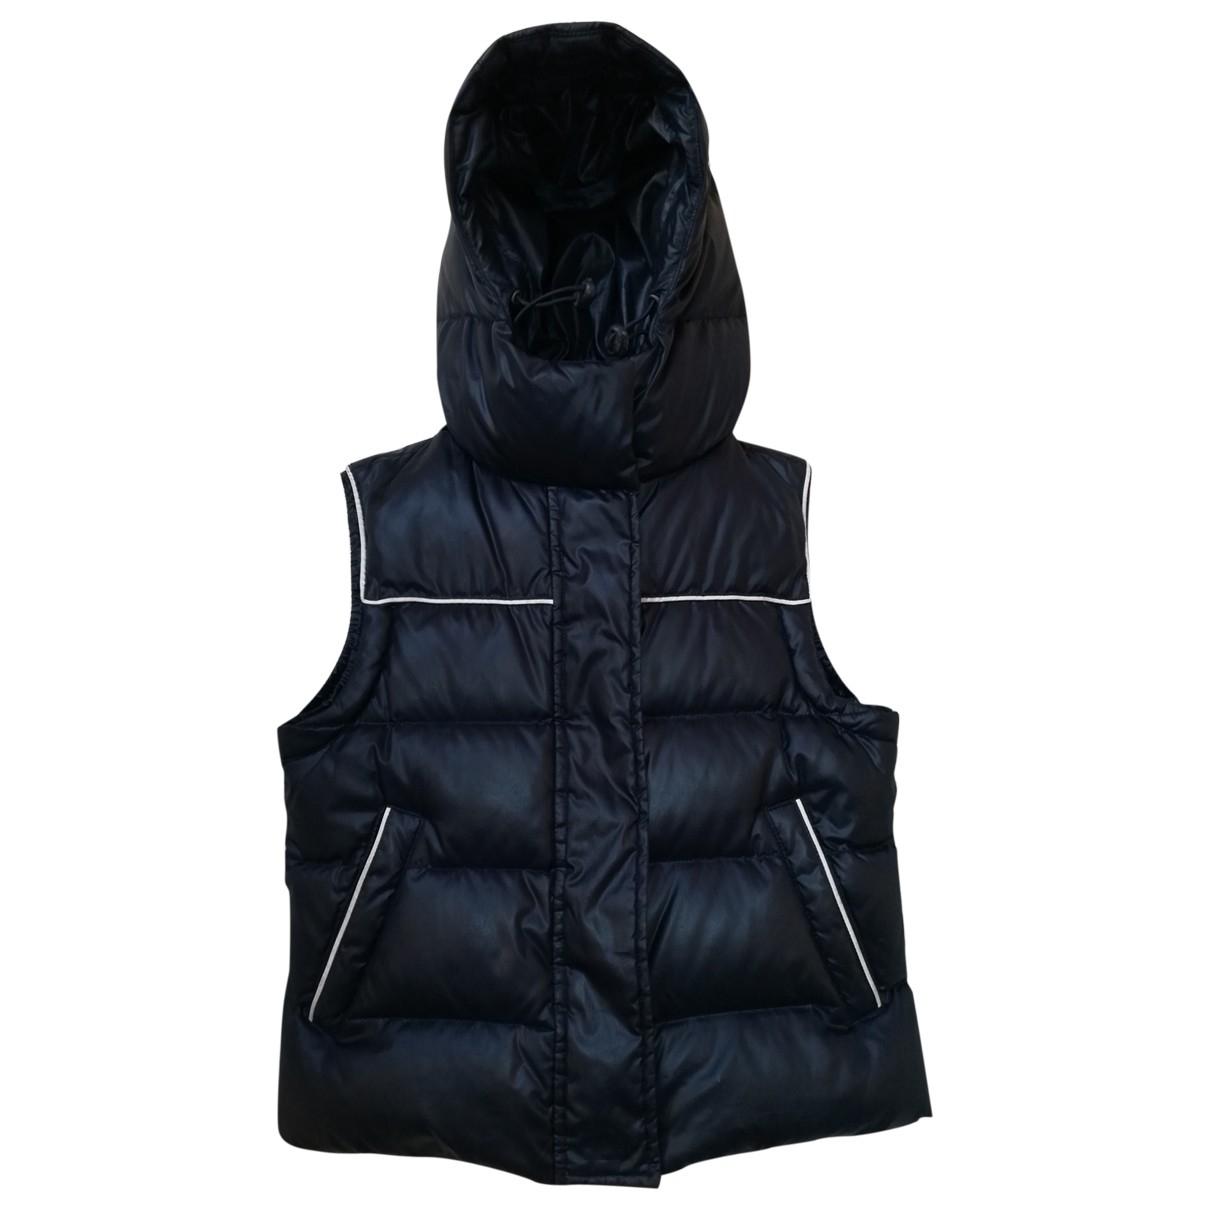 Sanayi 313 - Blousons.Manteaux   pour enfant - noir